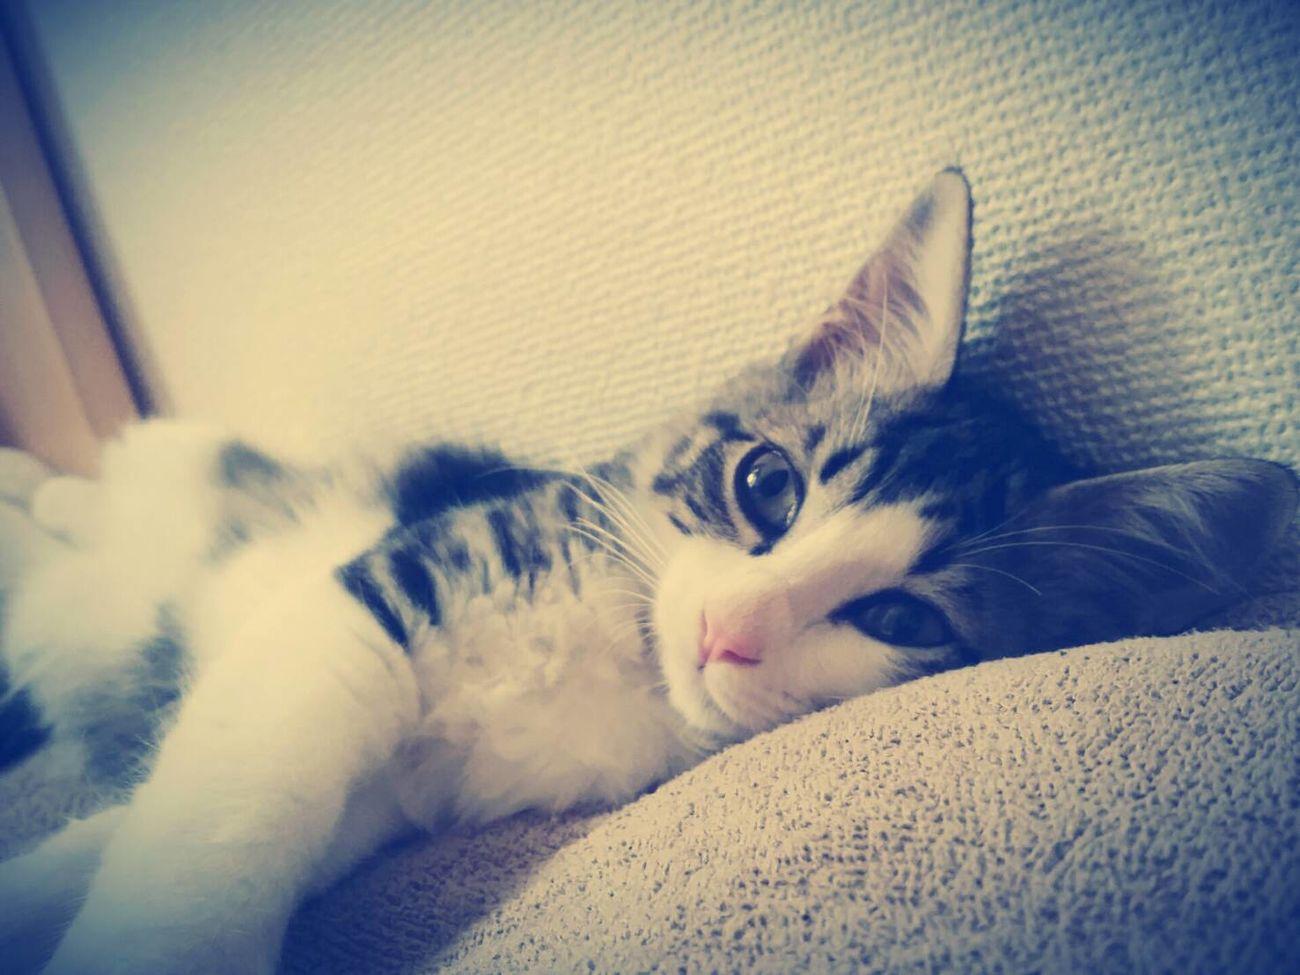 沖縄から引き取った猫ちゃん😆🎵おっとりして、ちょっとどんくさい所がたまらん😍💕ホントは私が飼いたかったけど友達に横取りされた😤 Cat 猫 Cat Lovers Cute Pets Eyeemcat EyeEmCatlovers Cat♡ Cats Of EyeEm Catlover